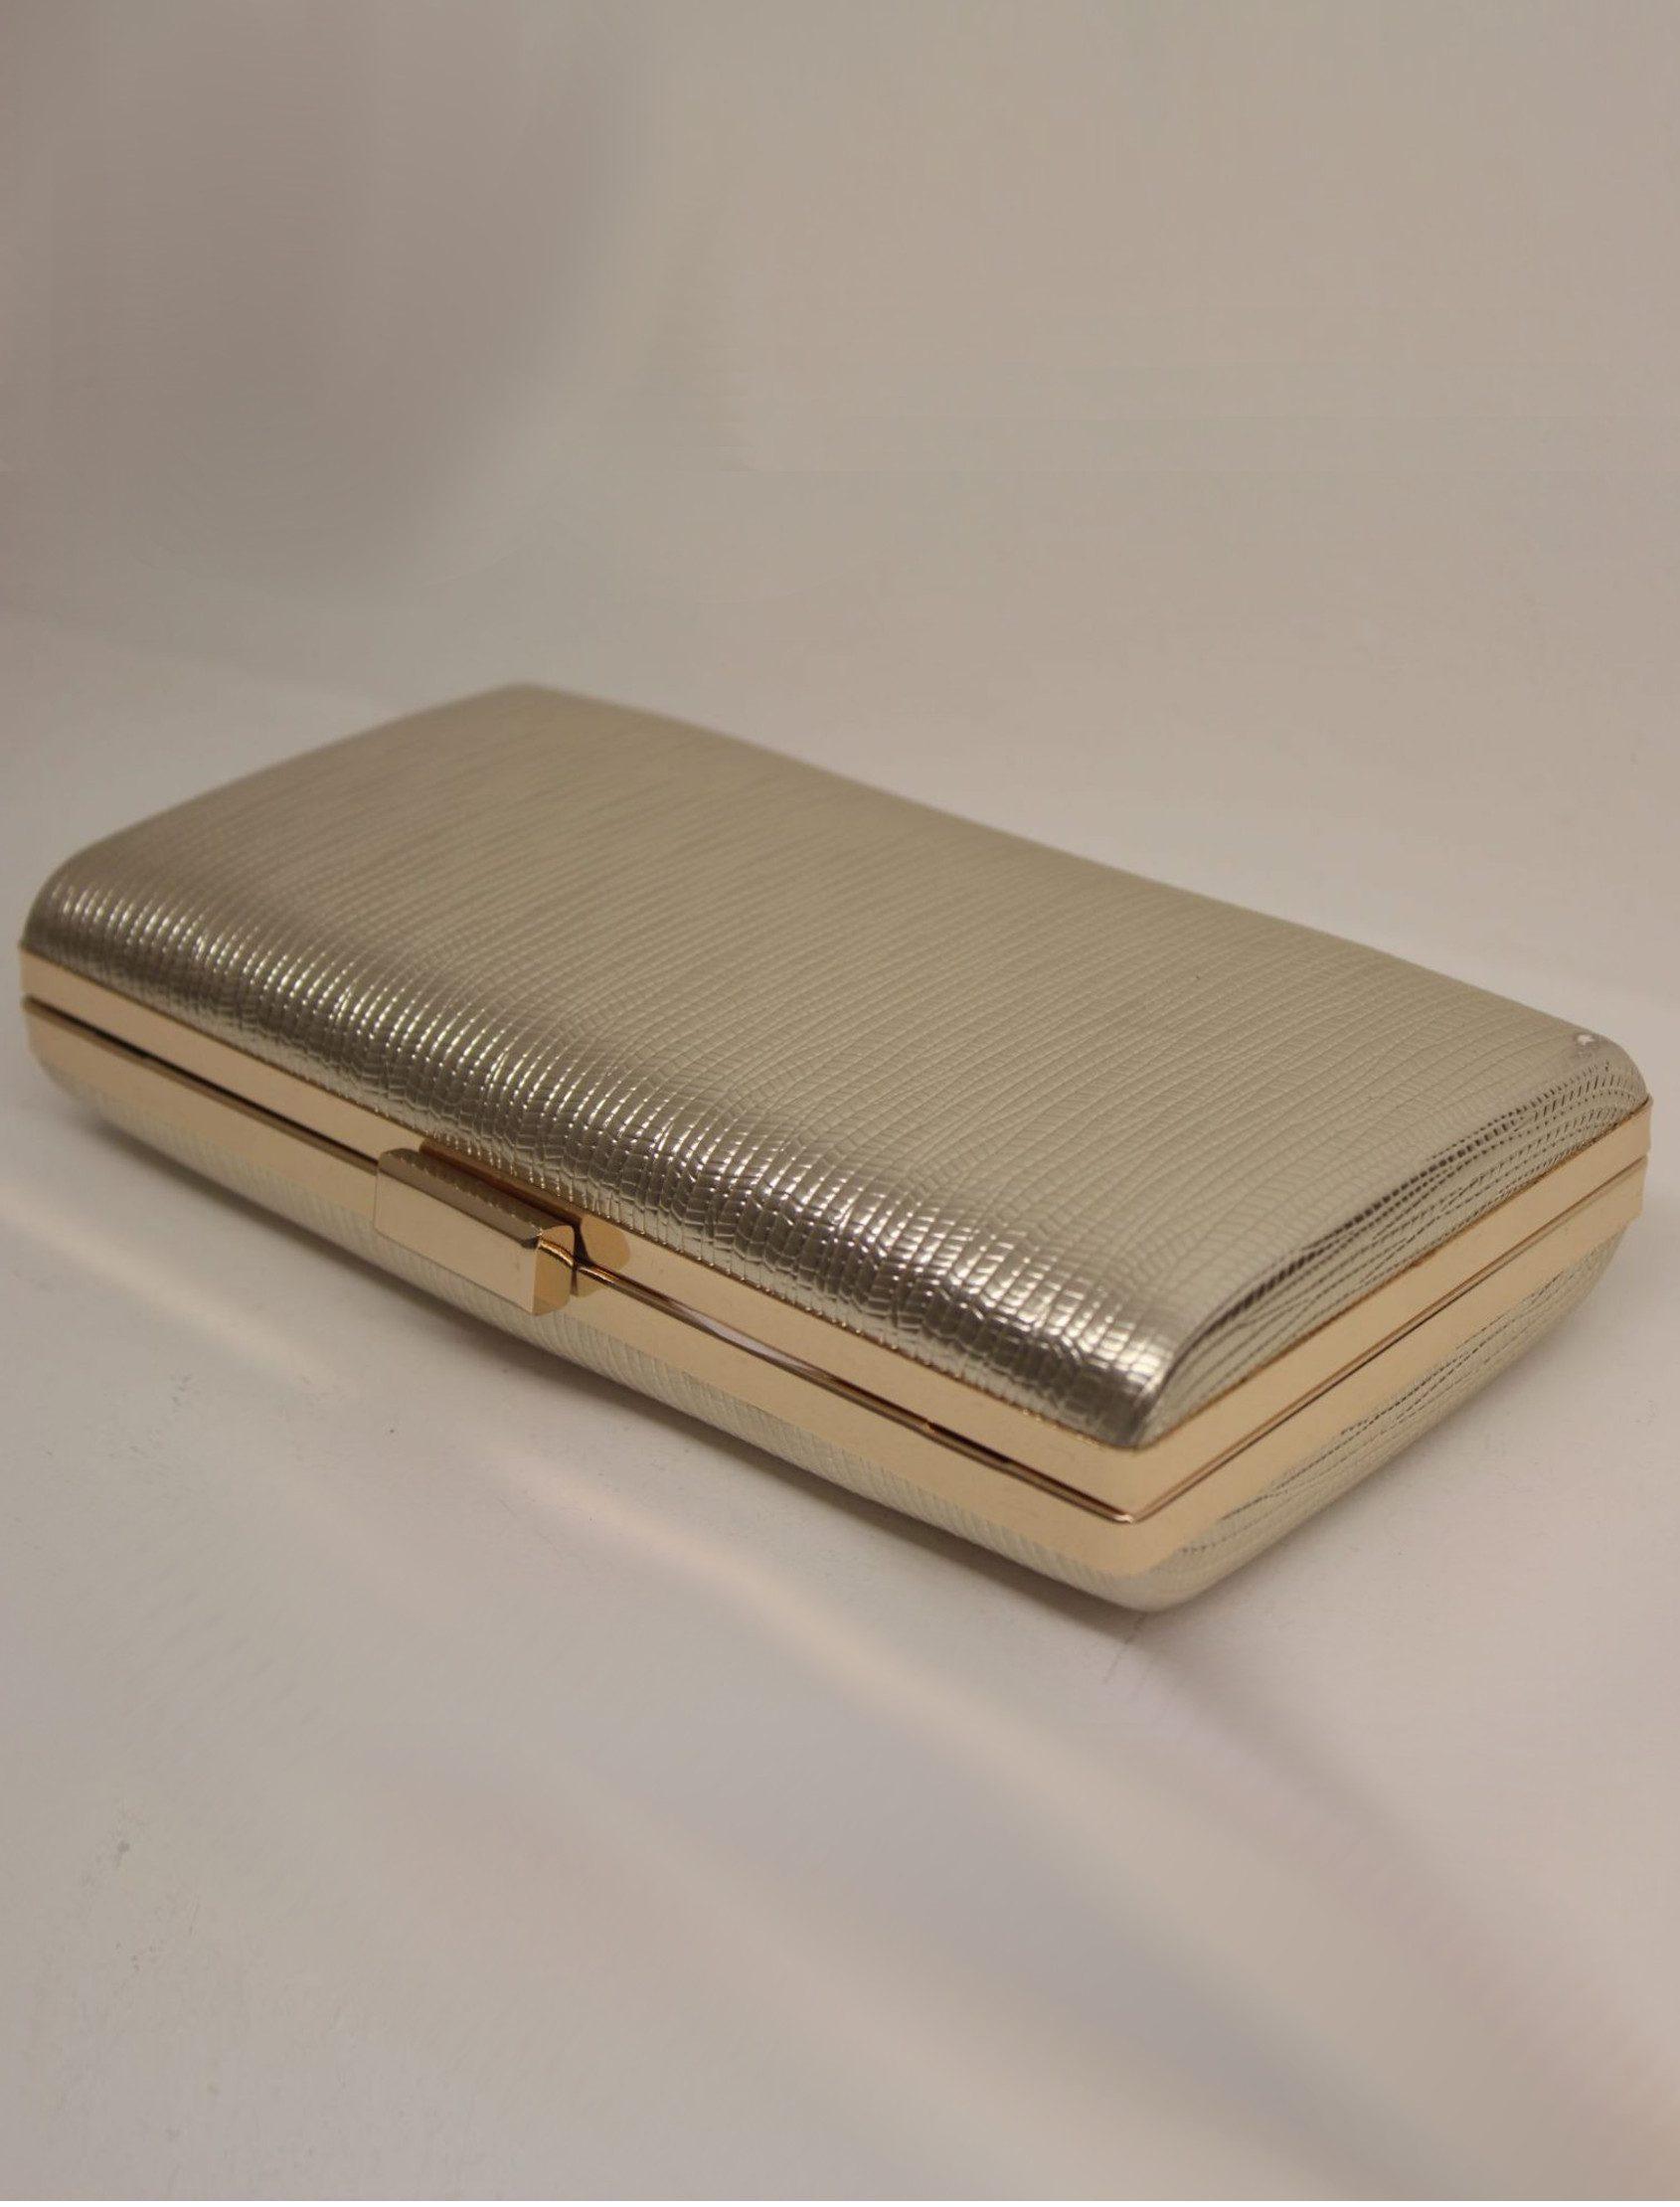 Clutch de mano en color oro claro mate. El material tiene un grabado tipo réptil. Es de tamaño medio y lleva una cadena del mismo tono oro.